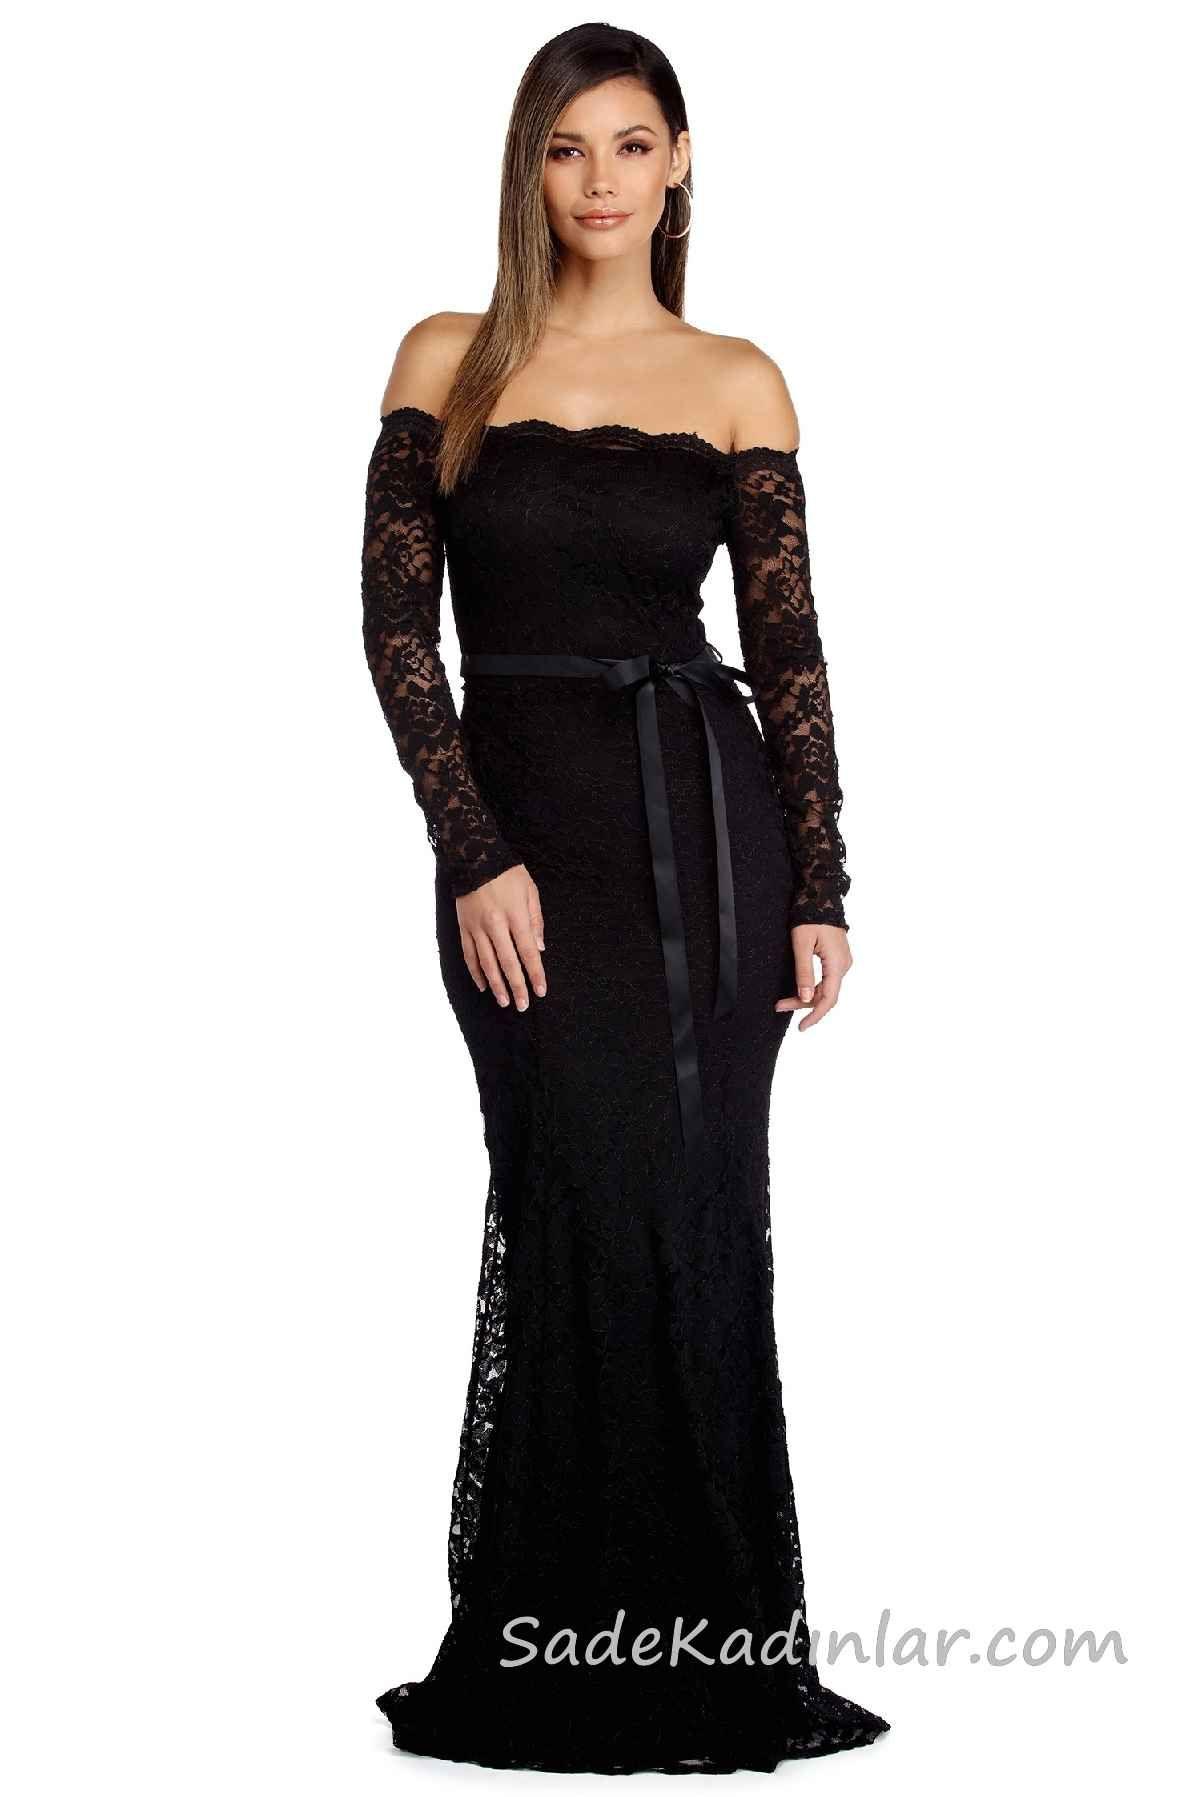 Muhtesem 2020 Abiye Elbise Modelleri Siyah Uzun Omzu Acik Dusuk Kol Dantel Dantel Elbise The Dress Elbise Modelleri